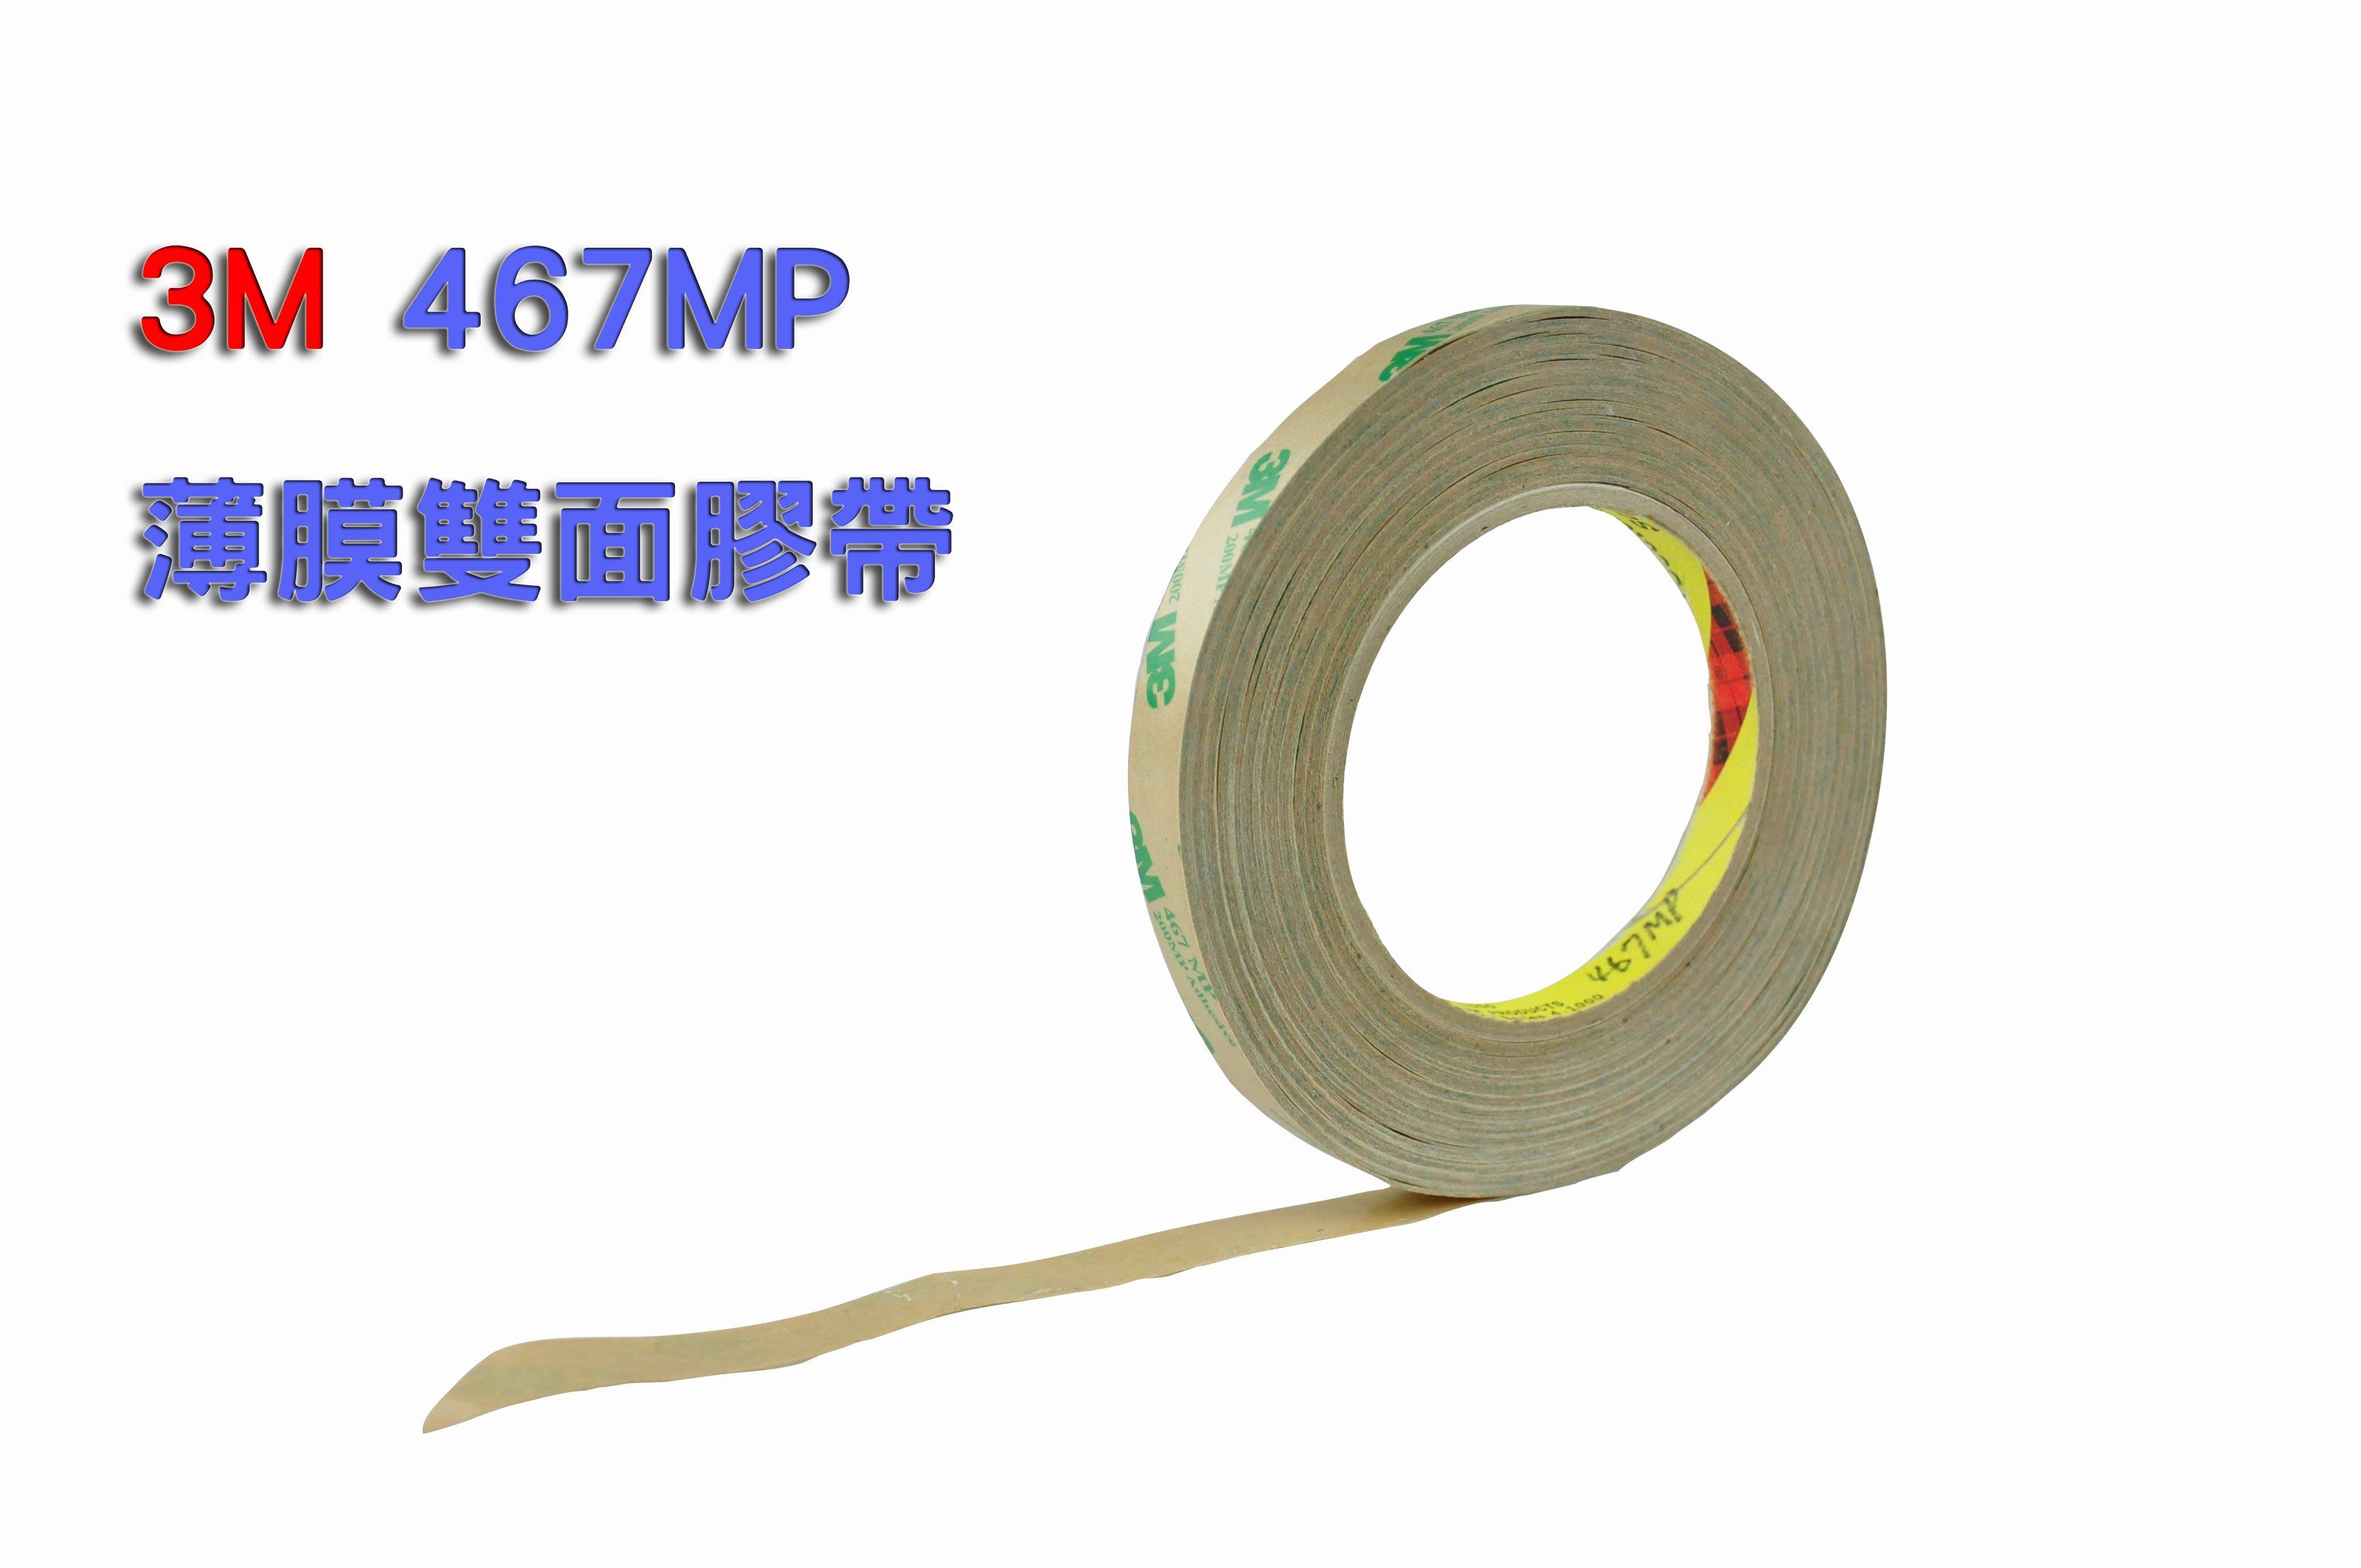 【尹摩2號舖】3M-467MP 無基材薄膜雙面膠.3M雙面膠帶.長55M.黏度佳.雙面薄膜膠帶 3M膠帶